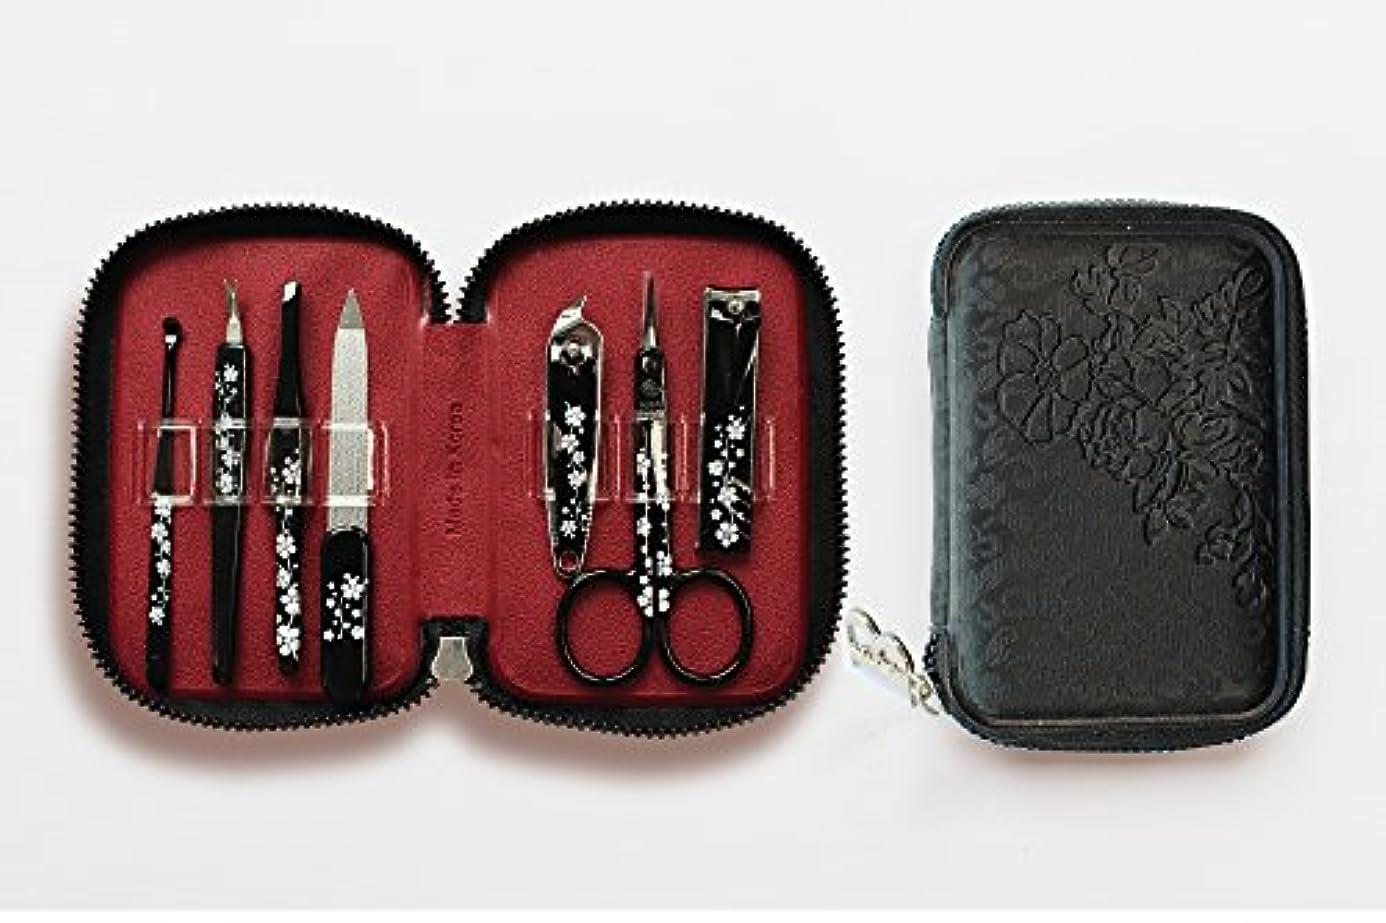 岸バースピッチBELL Manicure Sets BM-990A ポータブル爪の管理セット 爪切りセット 高品質のネイルケアセット花モチーフのイラストデザイン Portable Nail Clippers Nail Care Set